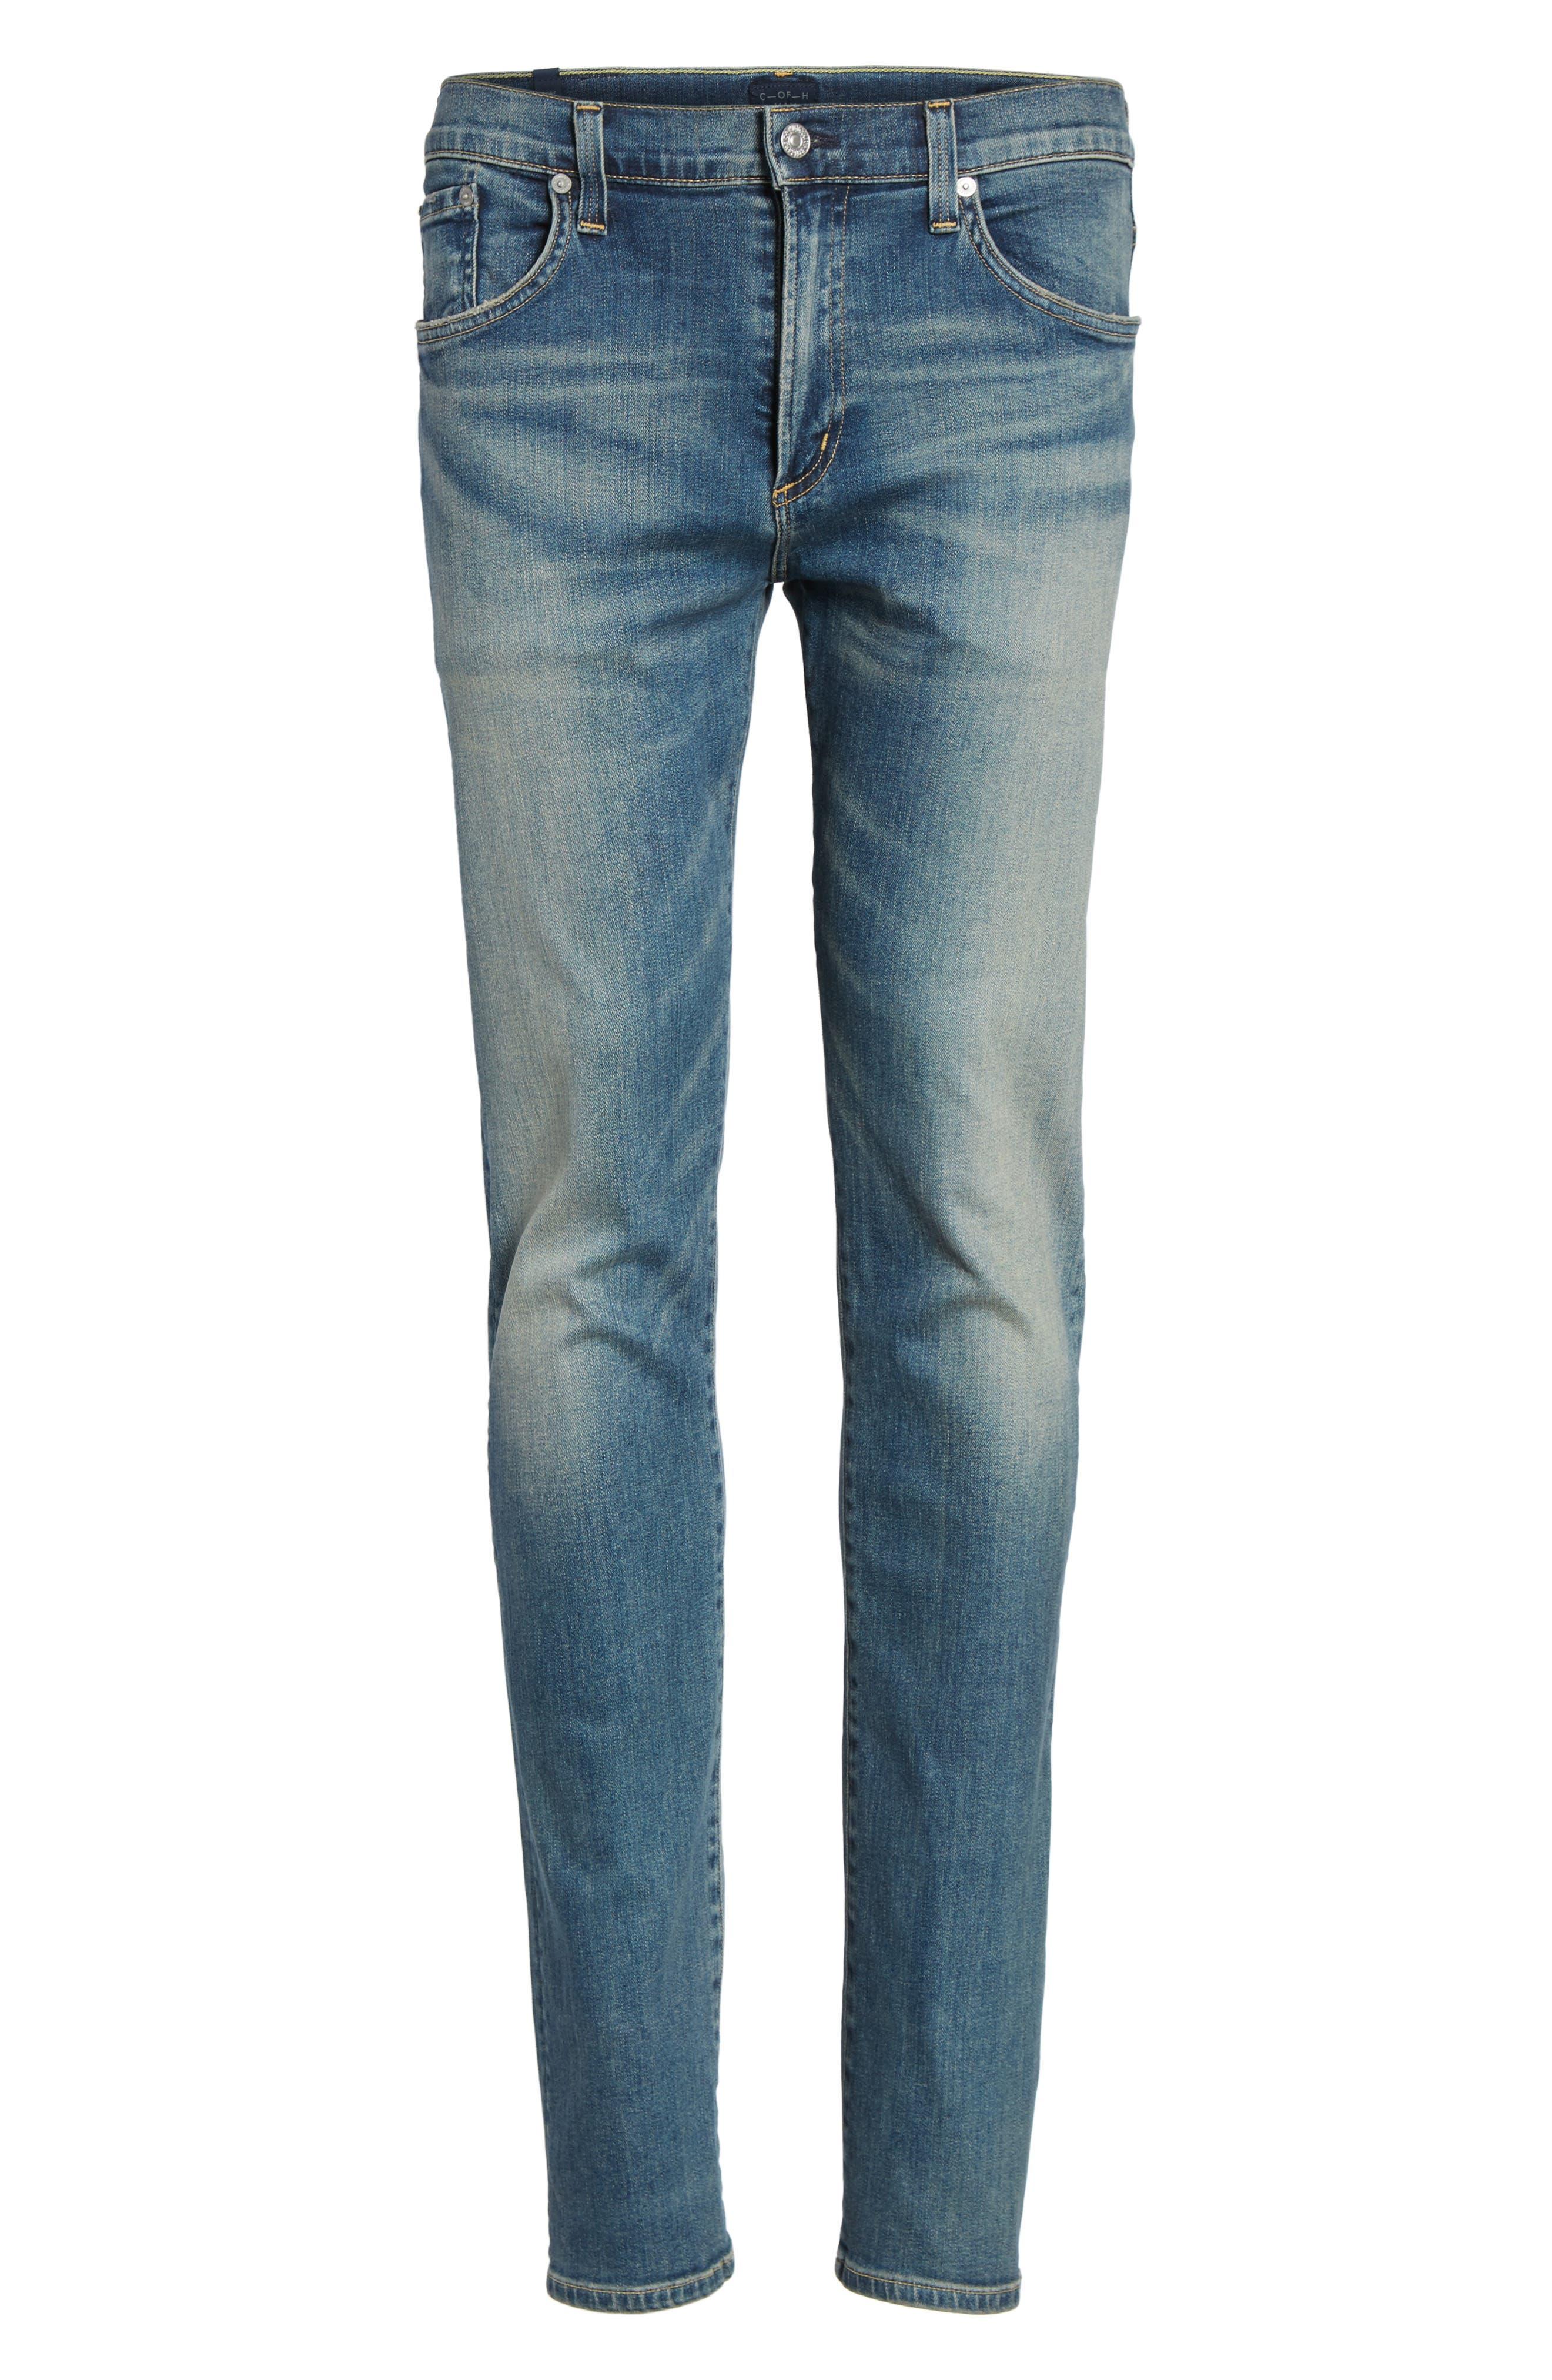 Core Slim Fit Jeans,                             Alternate thumbnail 6, color,                             Millais